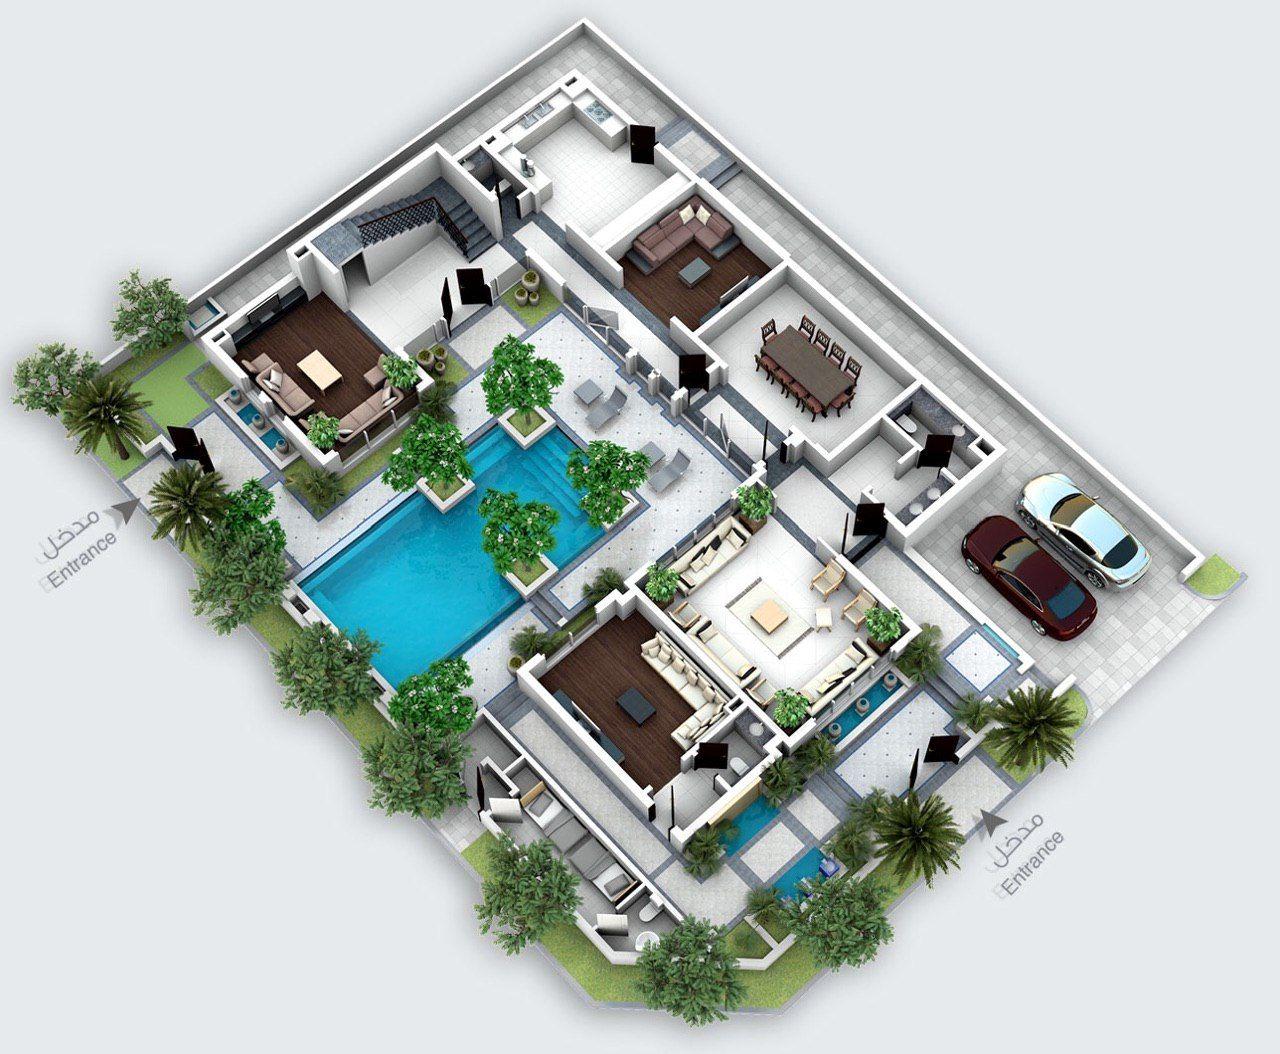 تصاميم معمارية مخطط فيلا القصبة Fantasy House House Design Design